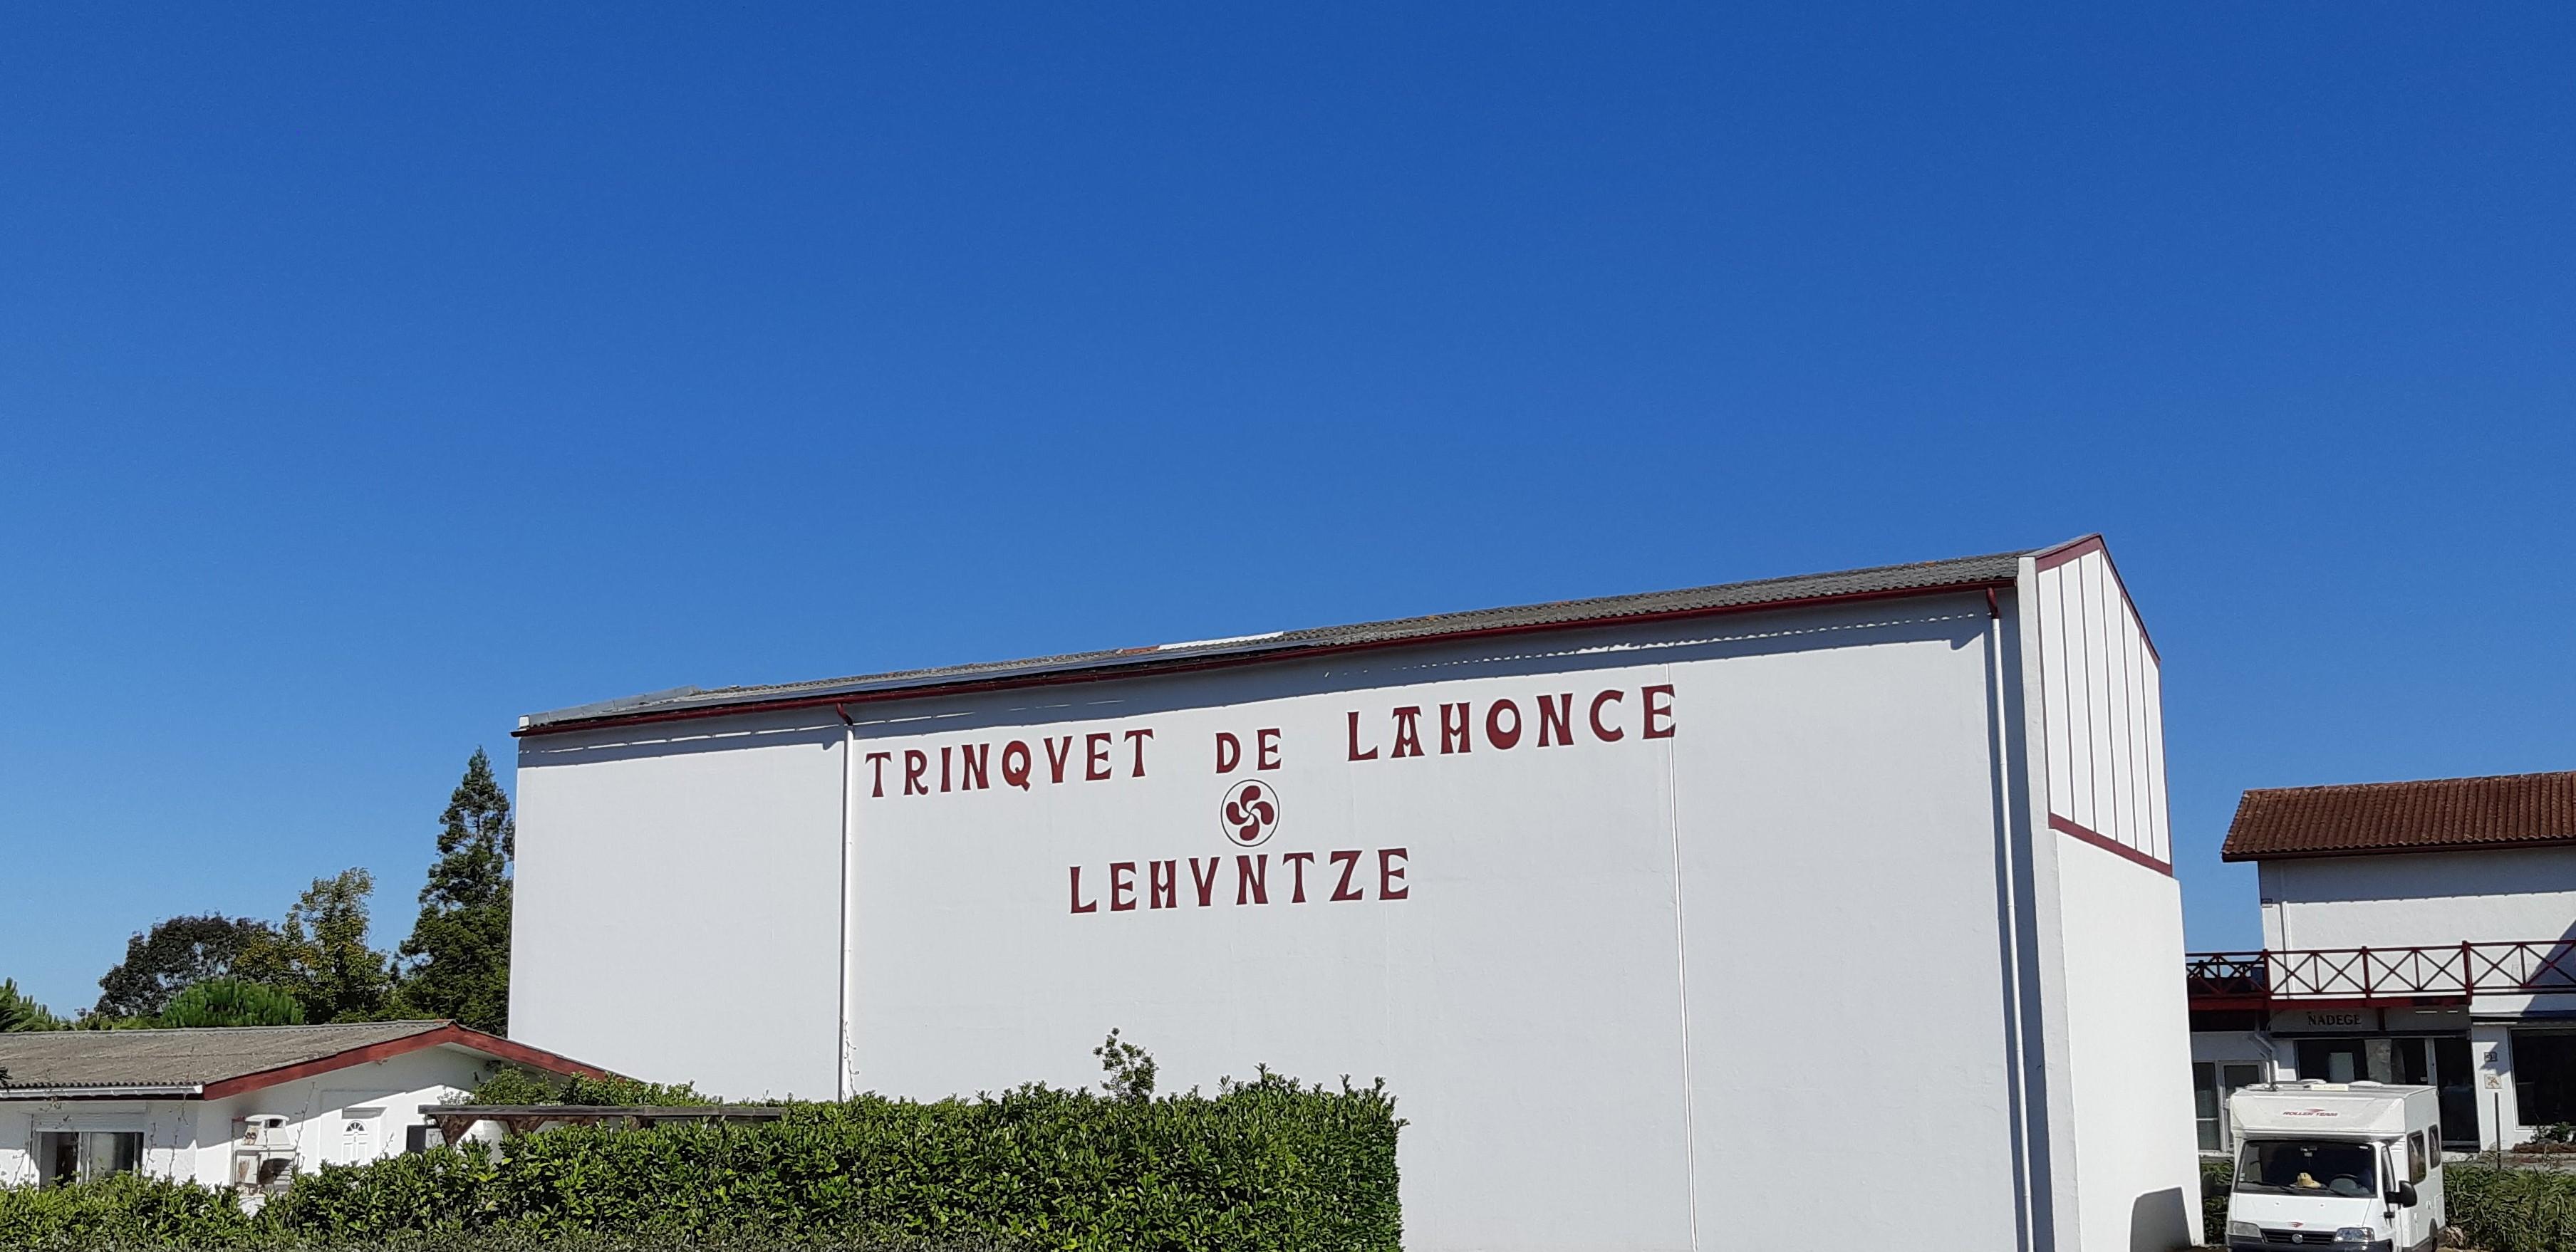 LAHONCE |TRINQUET